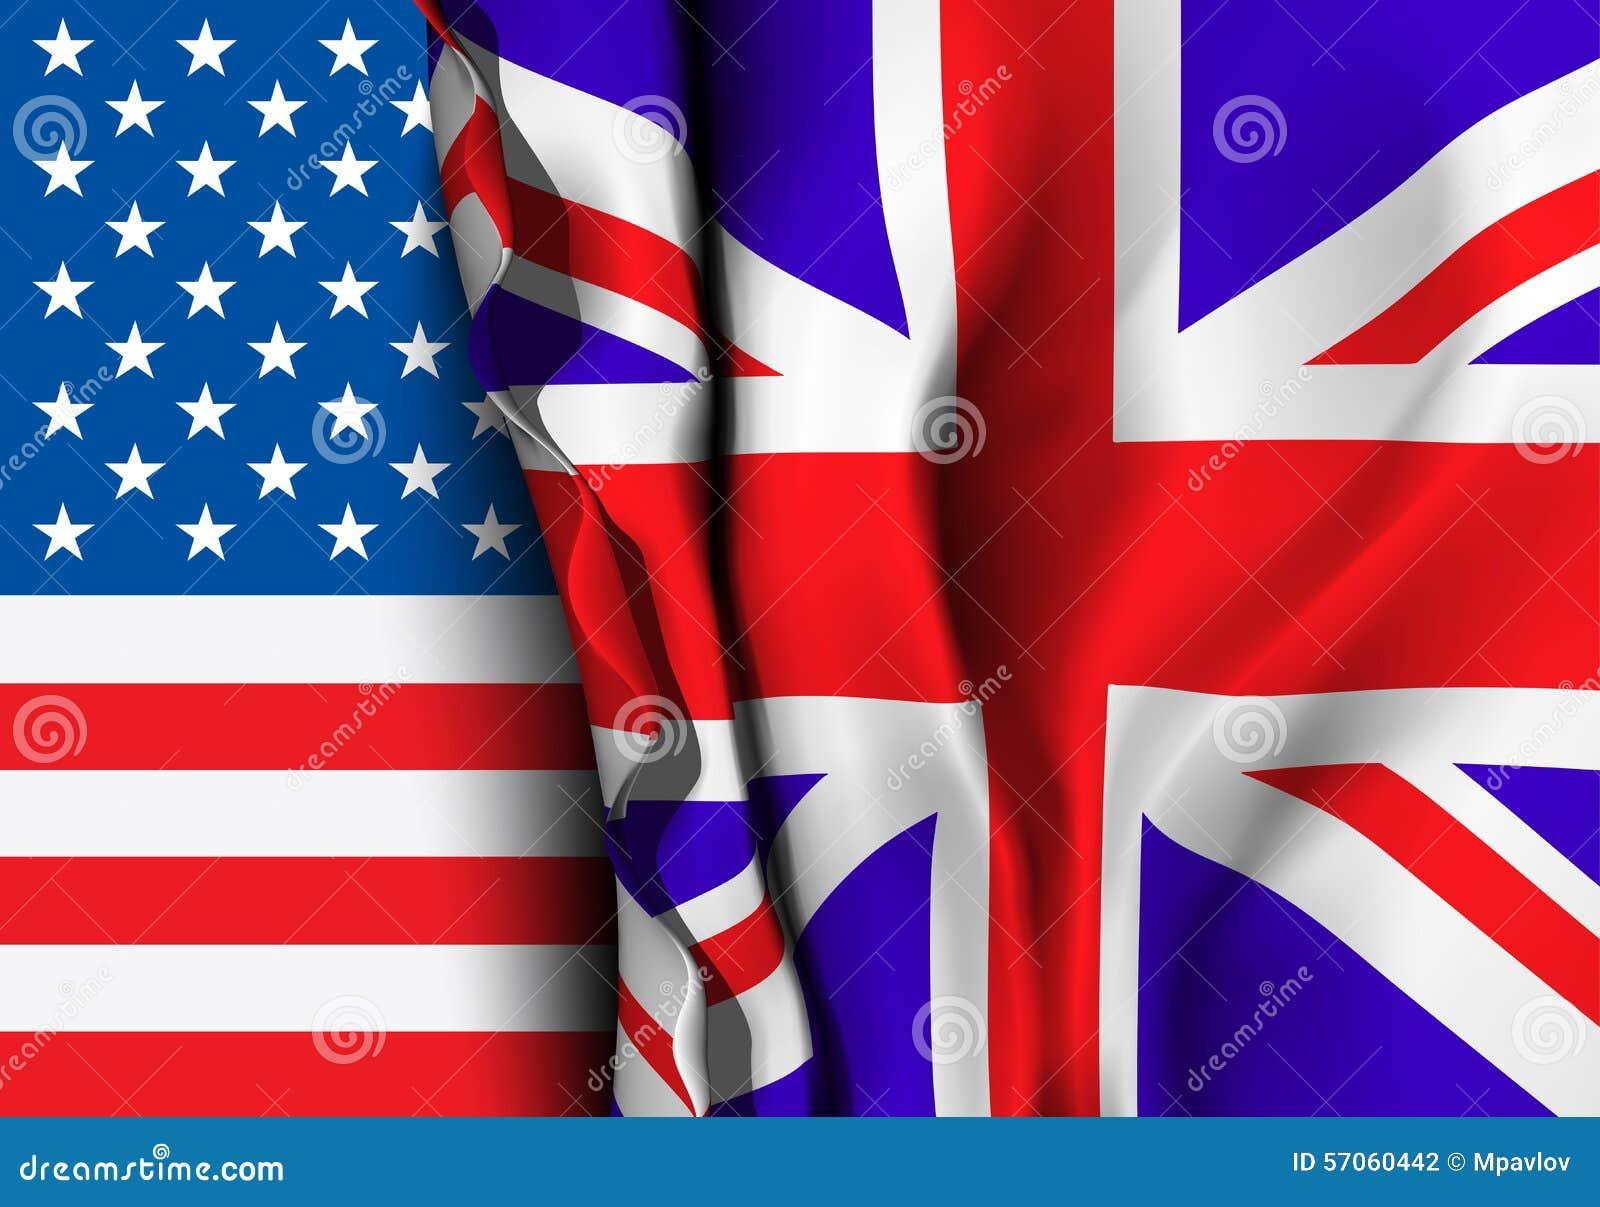 Vlag van het Verenigd Koninkrijk over de vlag van de V.S.